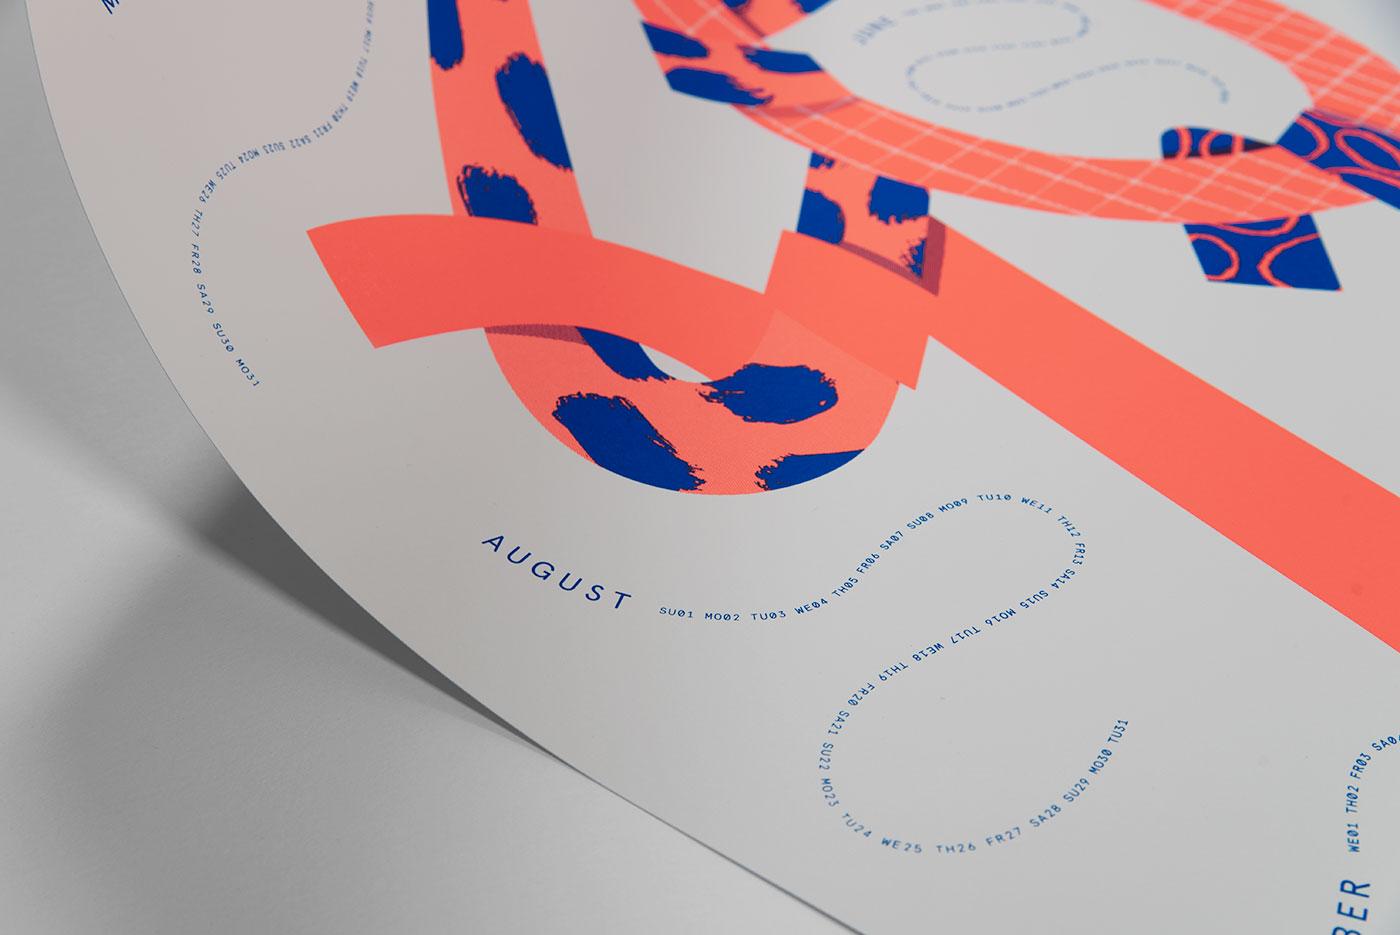 upstruct screen print calendar 2021 - detail